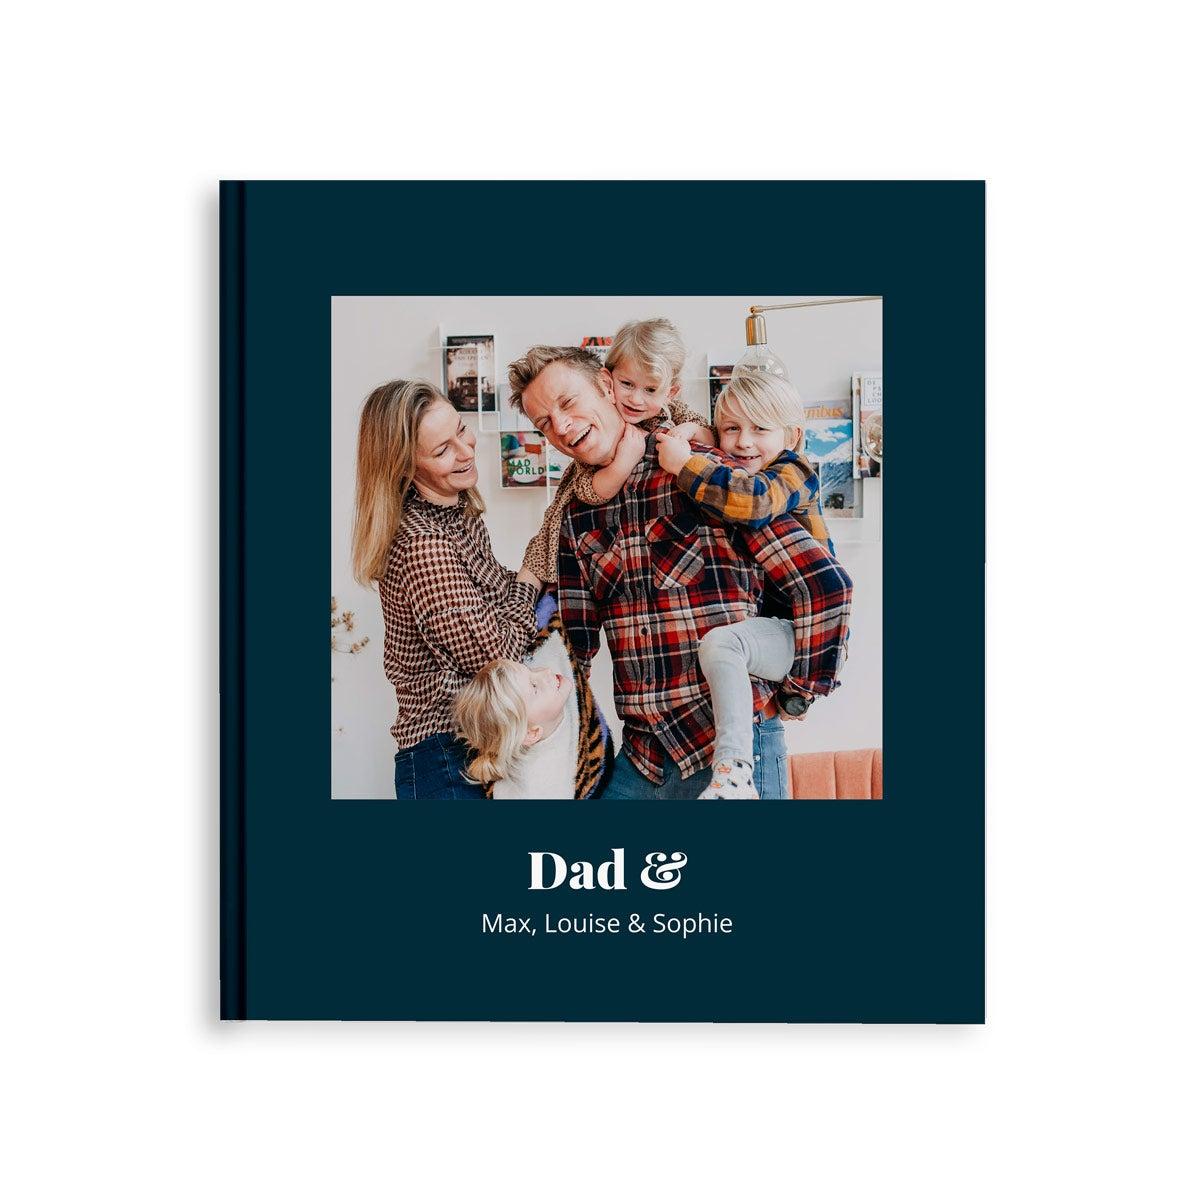 Fotoboek maken - Papa & ik/wij - M - Hardcover - 40 pagina's